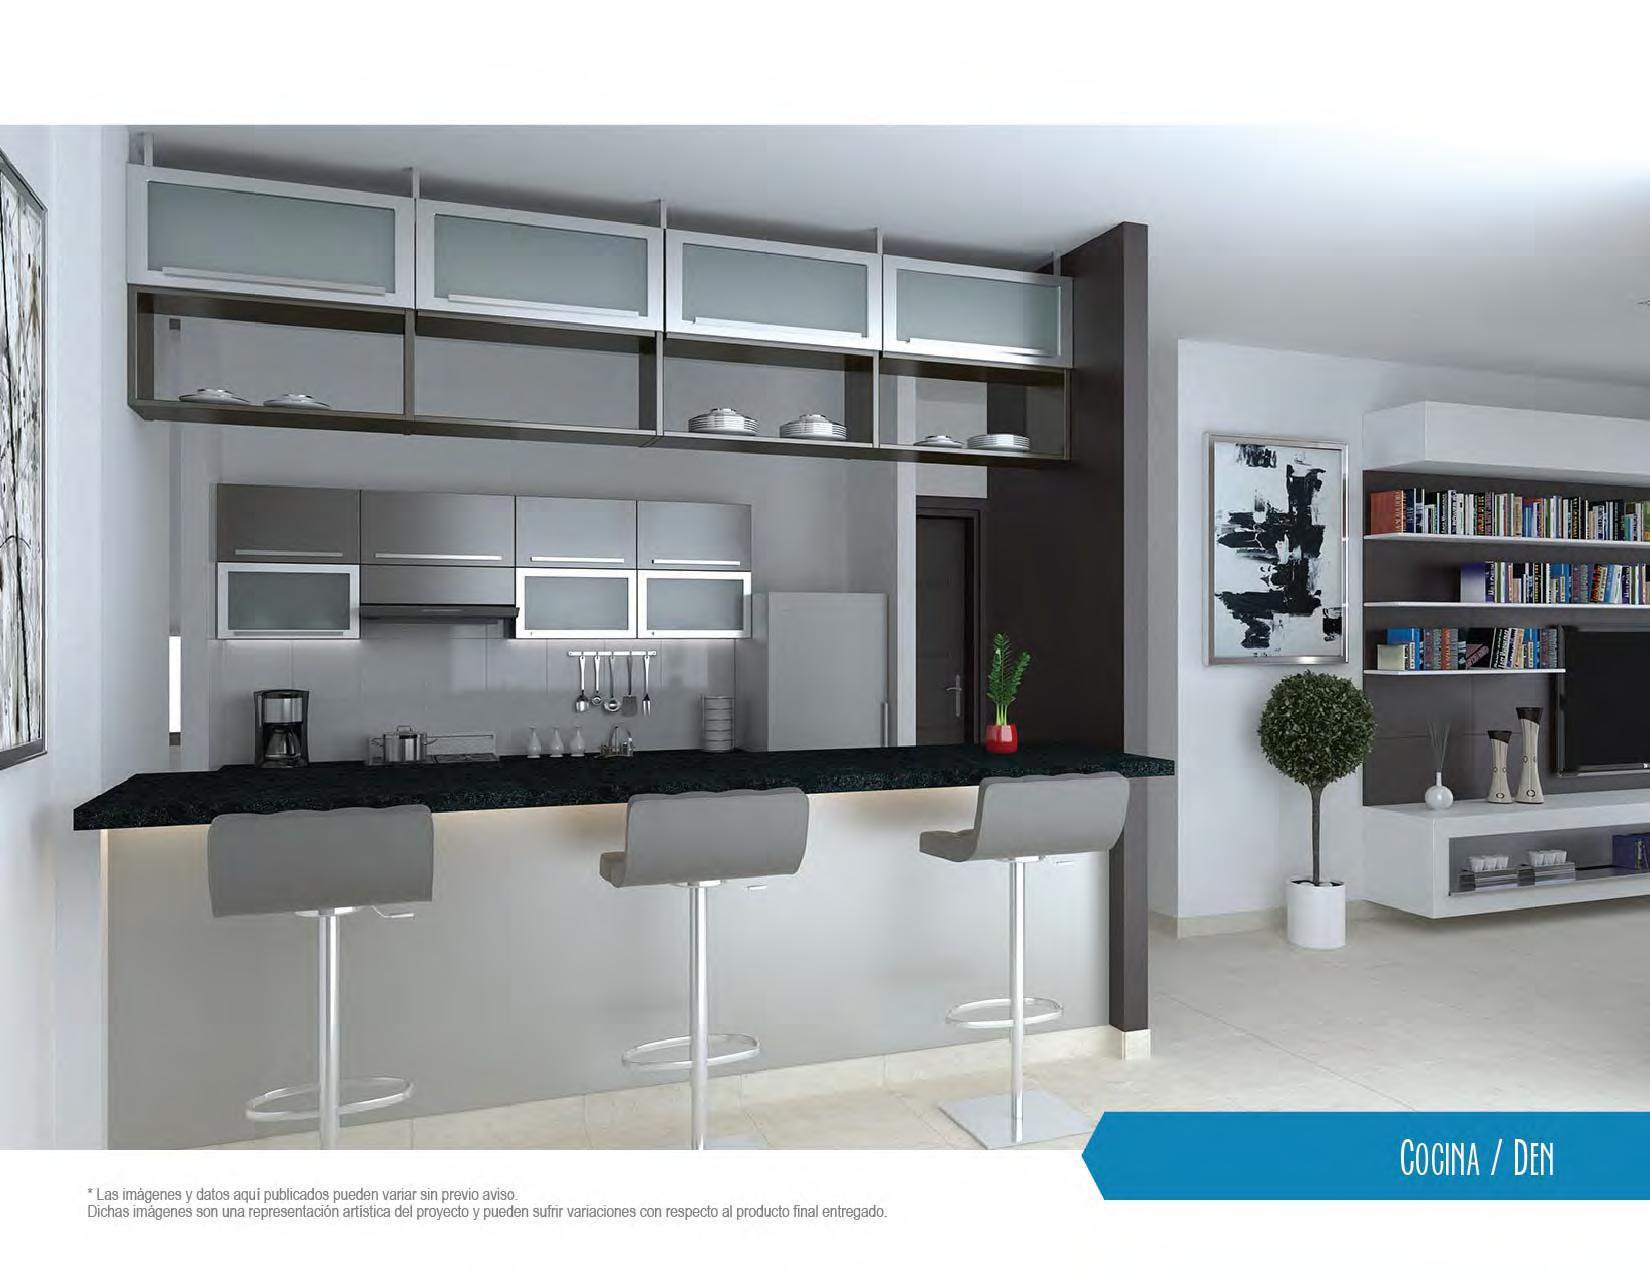 PANAMA VIP10, S.A. Apartamento en Venta en Costa del Este en Panama Código: 17-2362 No.4